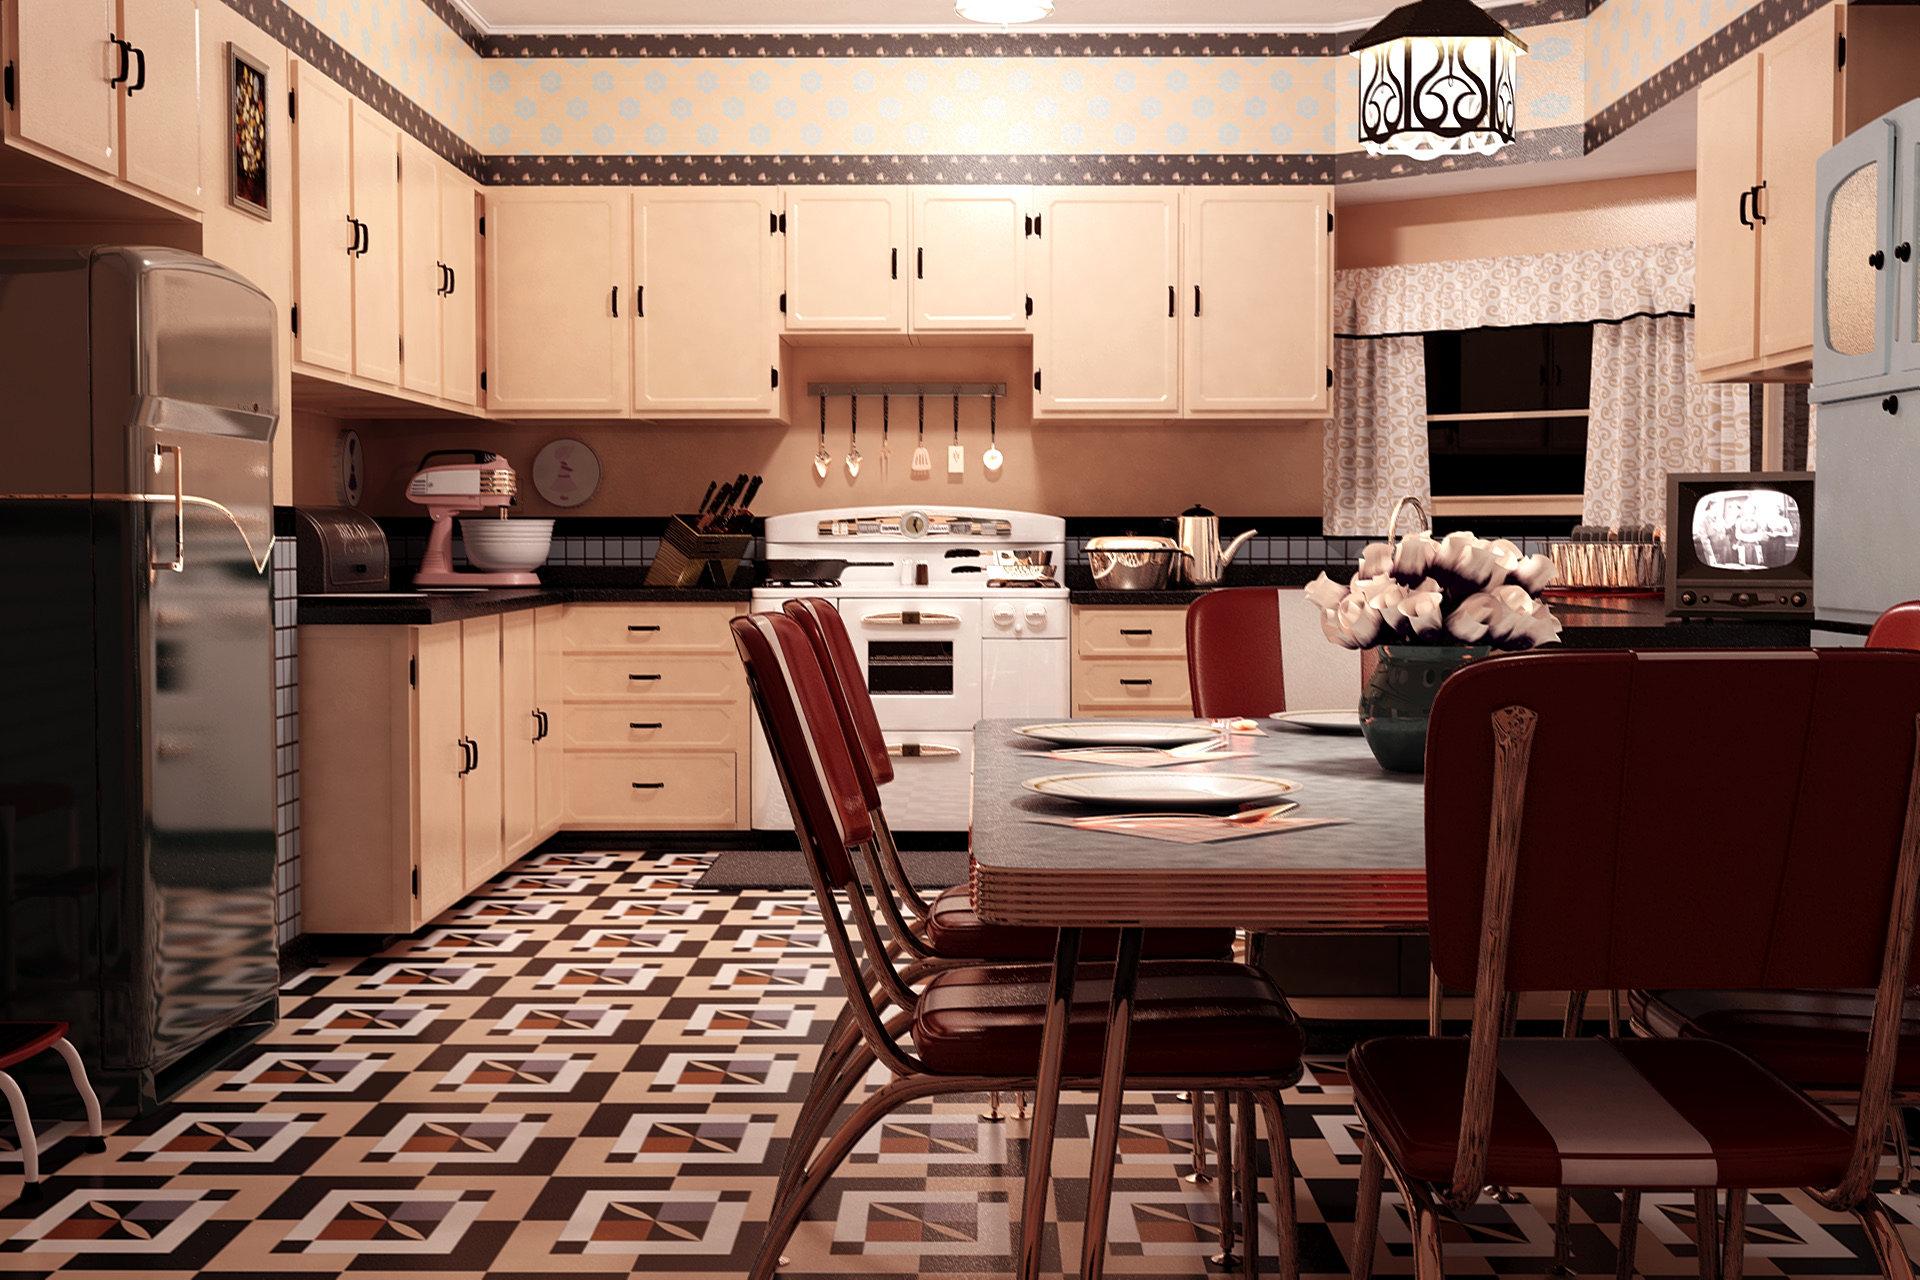 1950 Kitchen Furniture Eddietowns 1950 Kitchen Scene 1